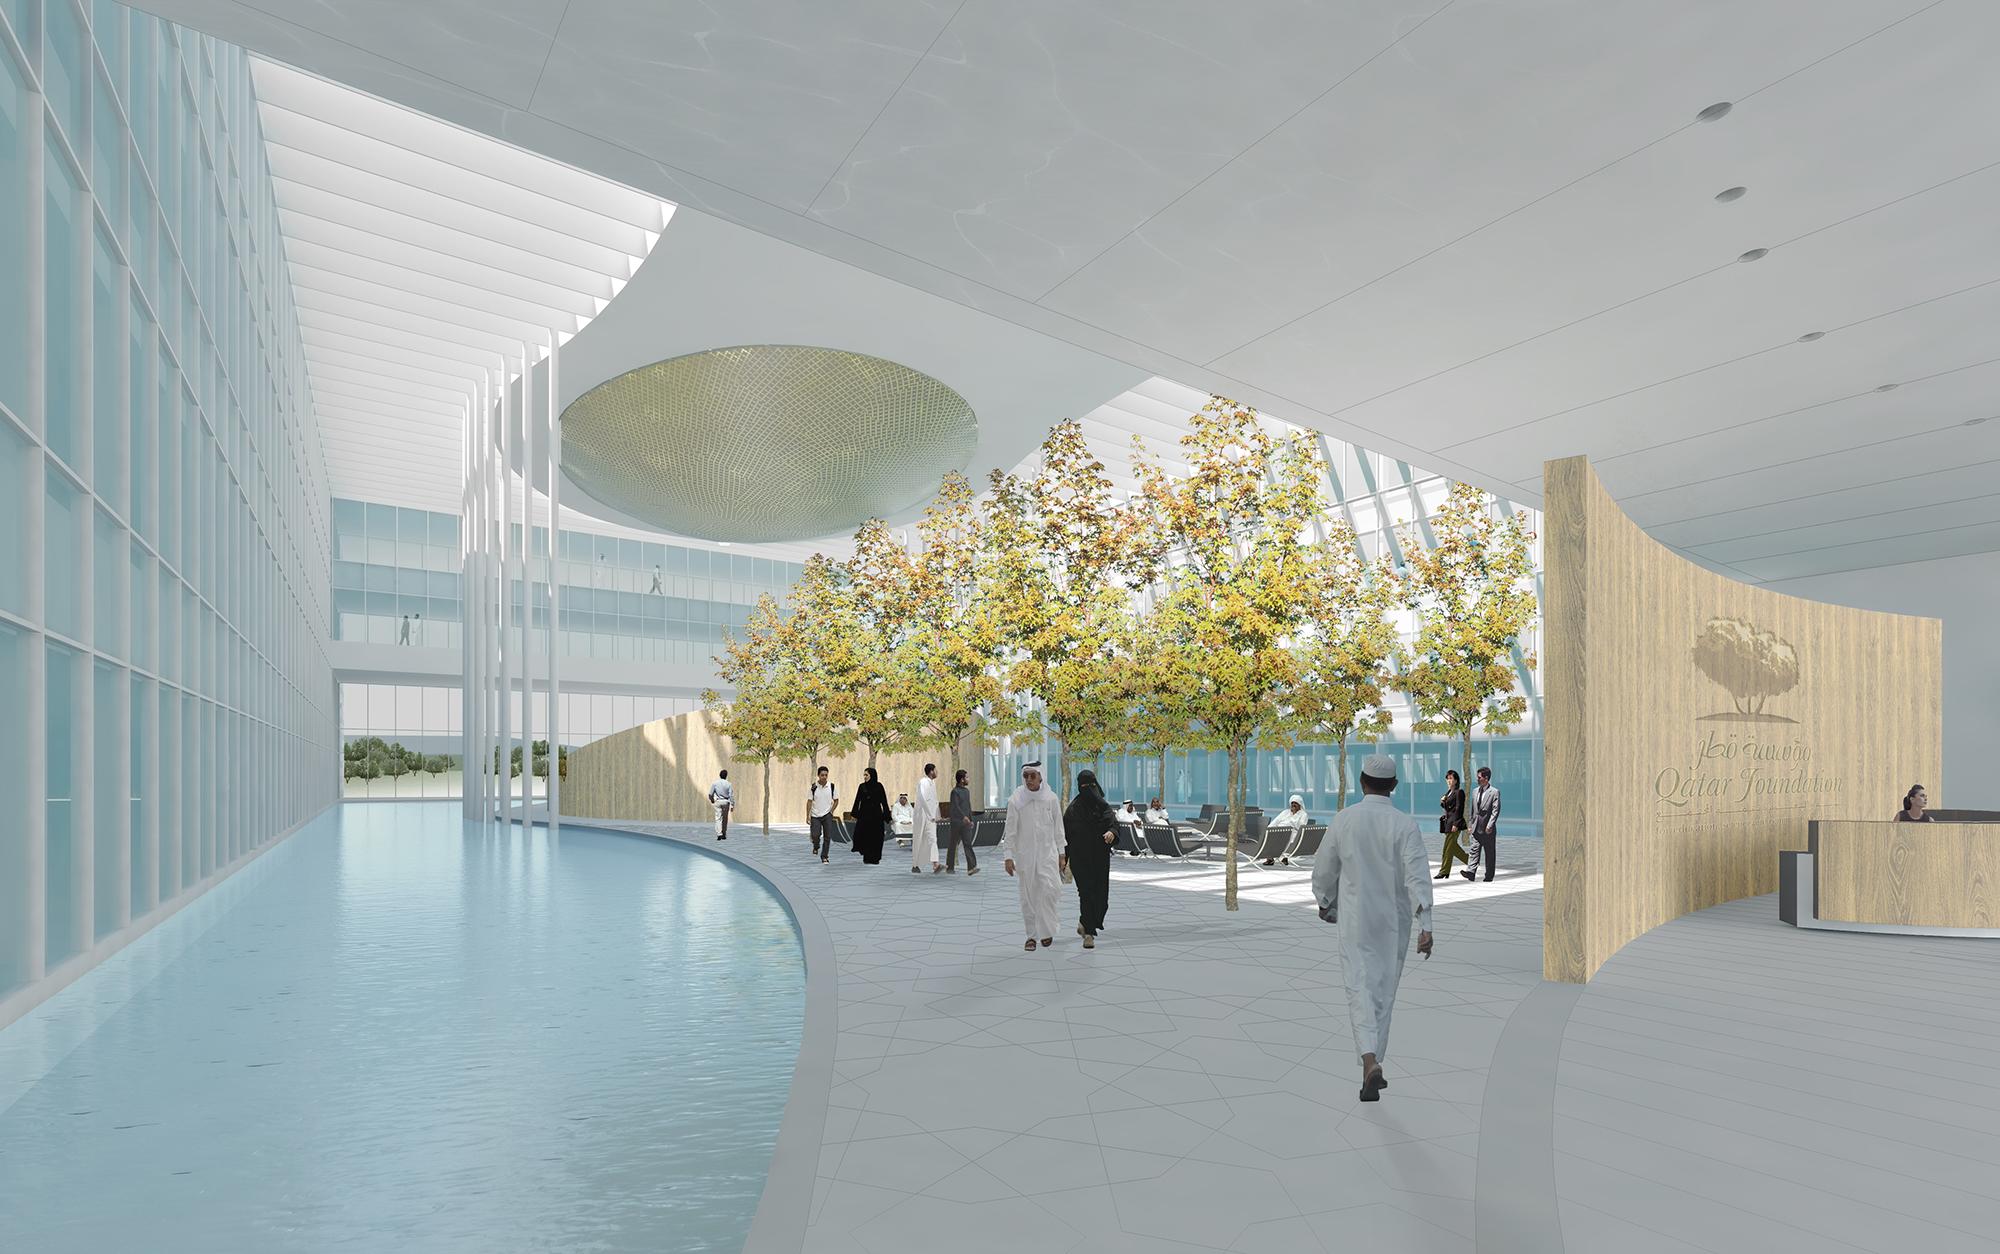 13b_Qatar Foundation.jpg